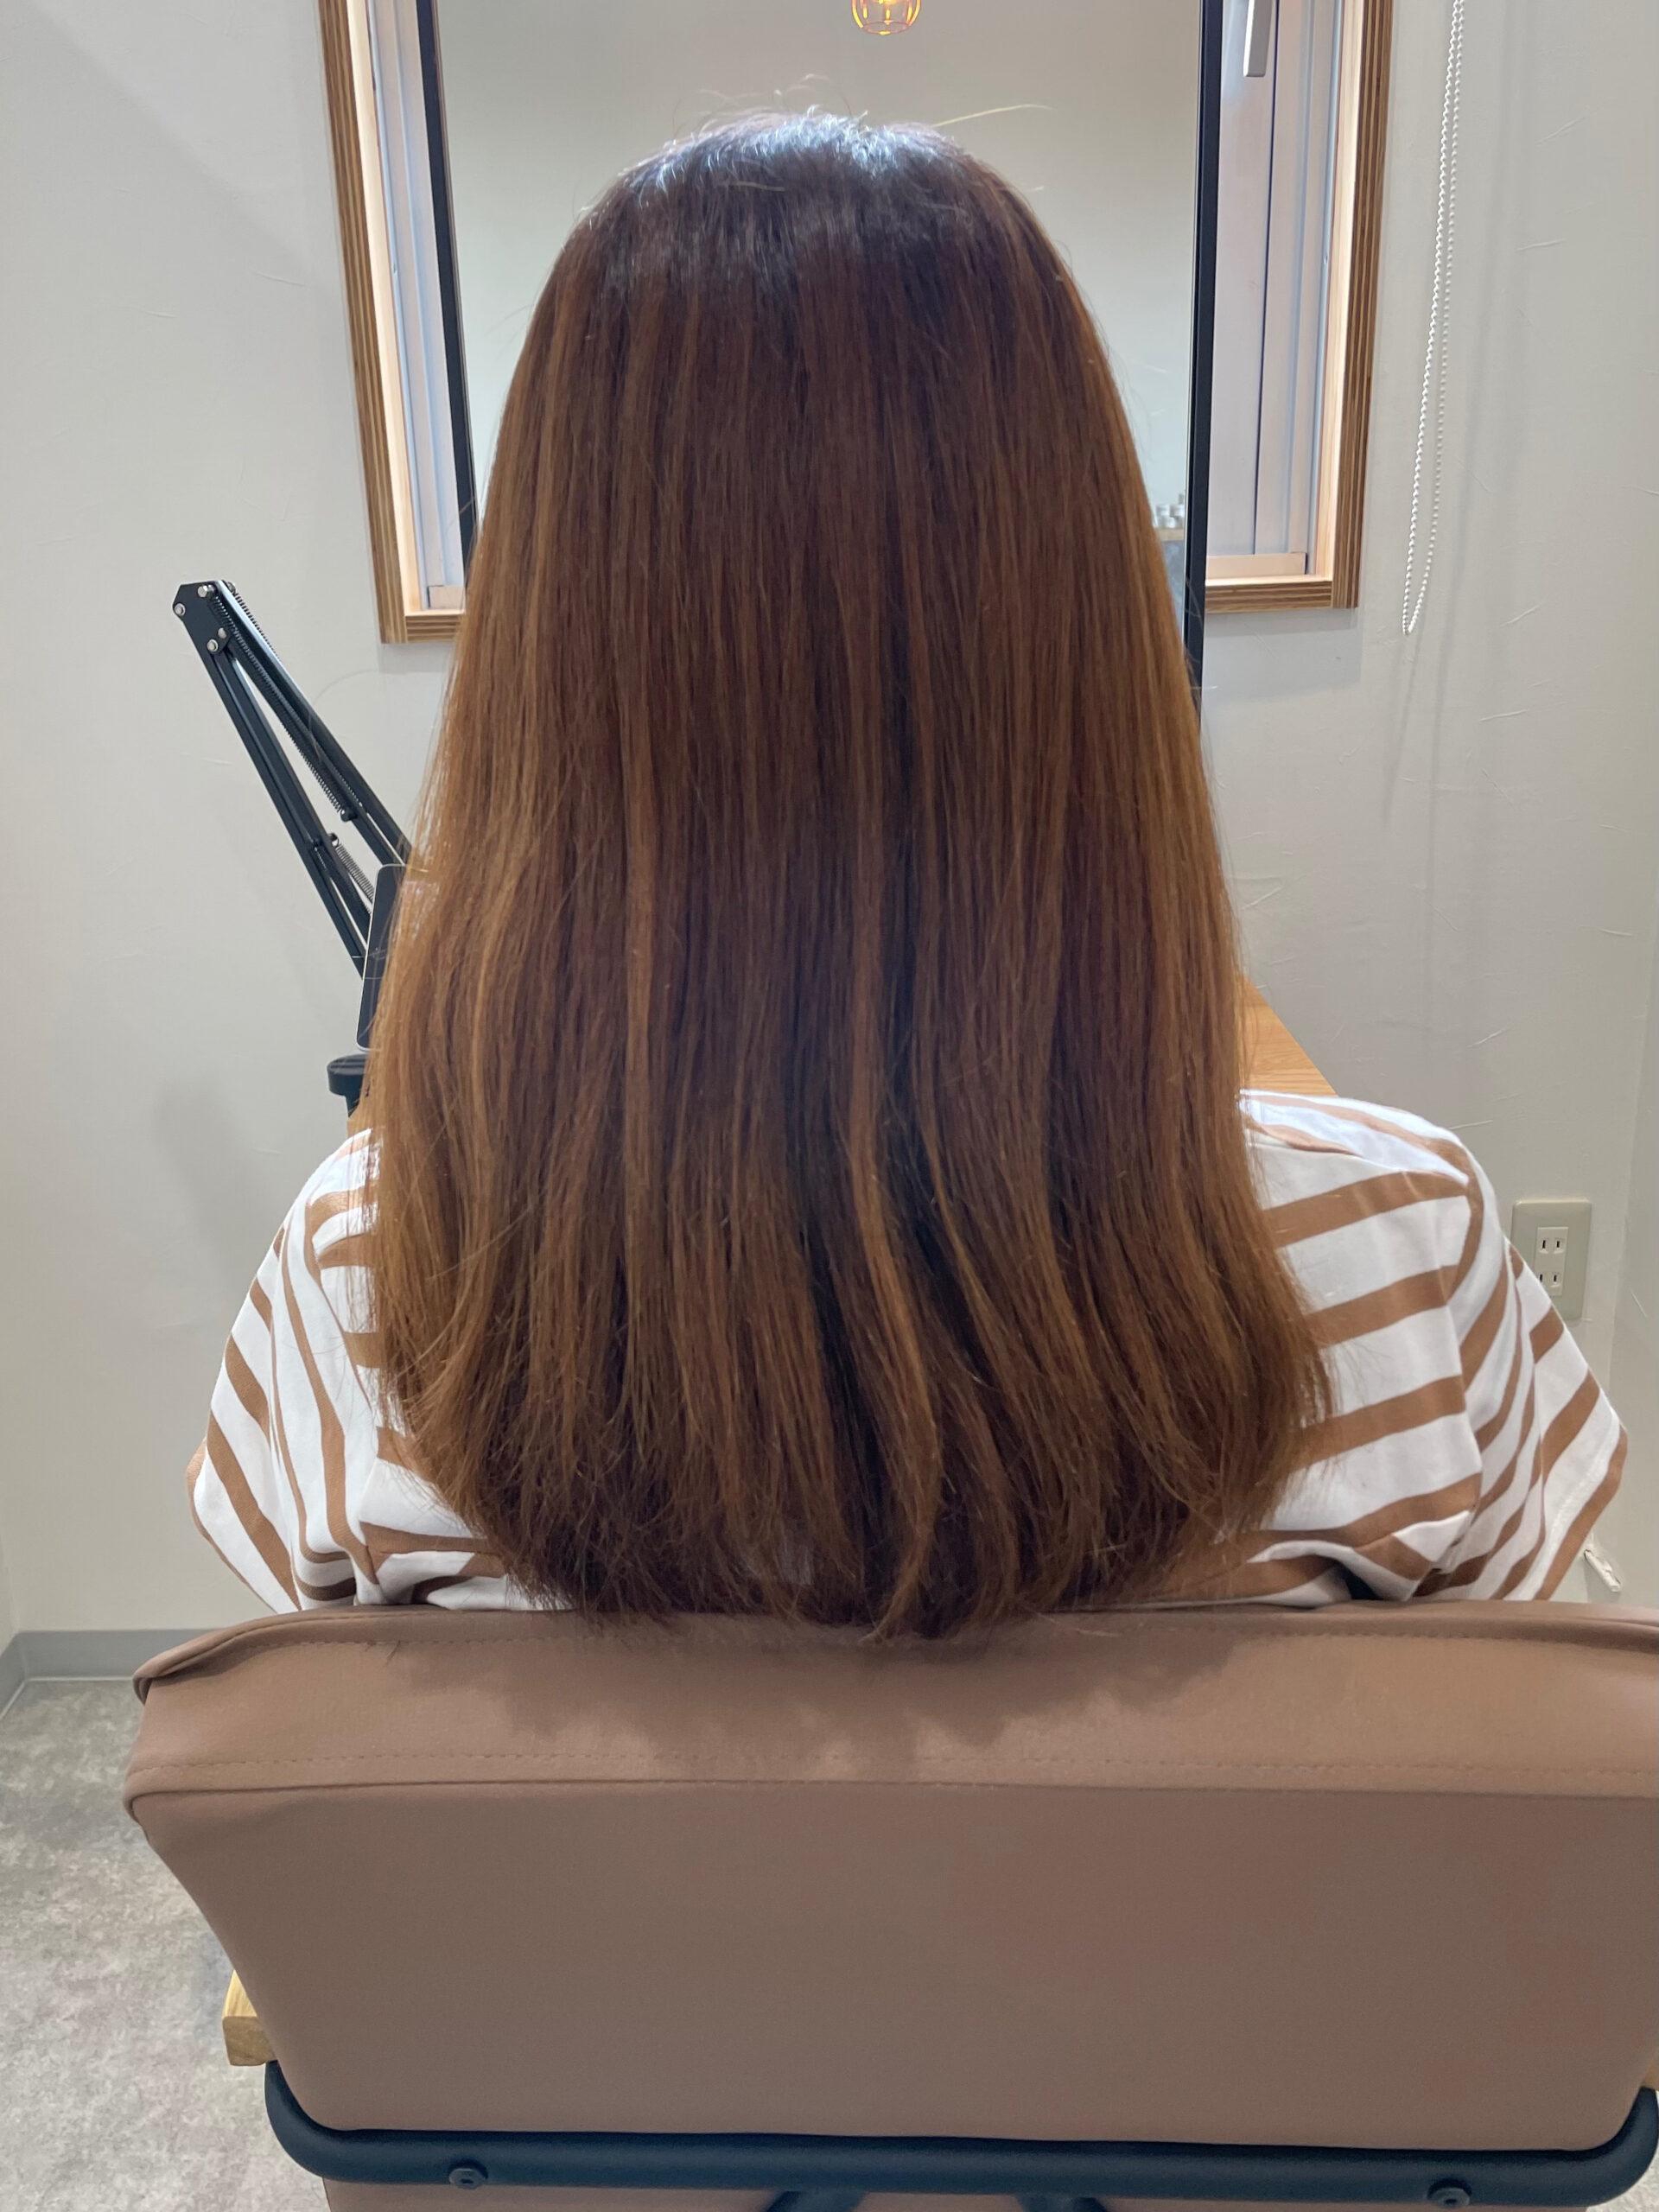 大分県別府市 弱酸性の縮毛矯正で髪質改善ストカール ビフォー